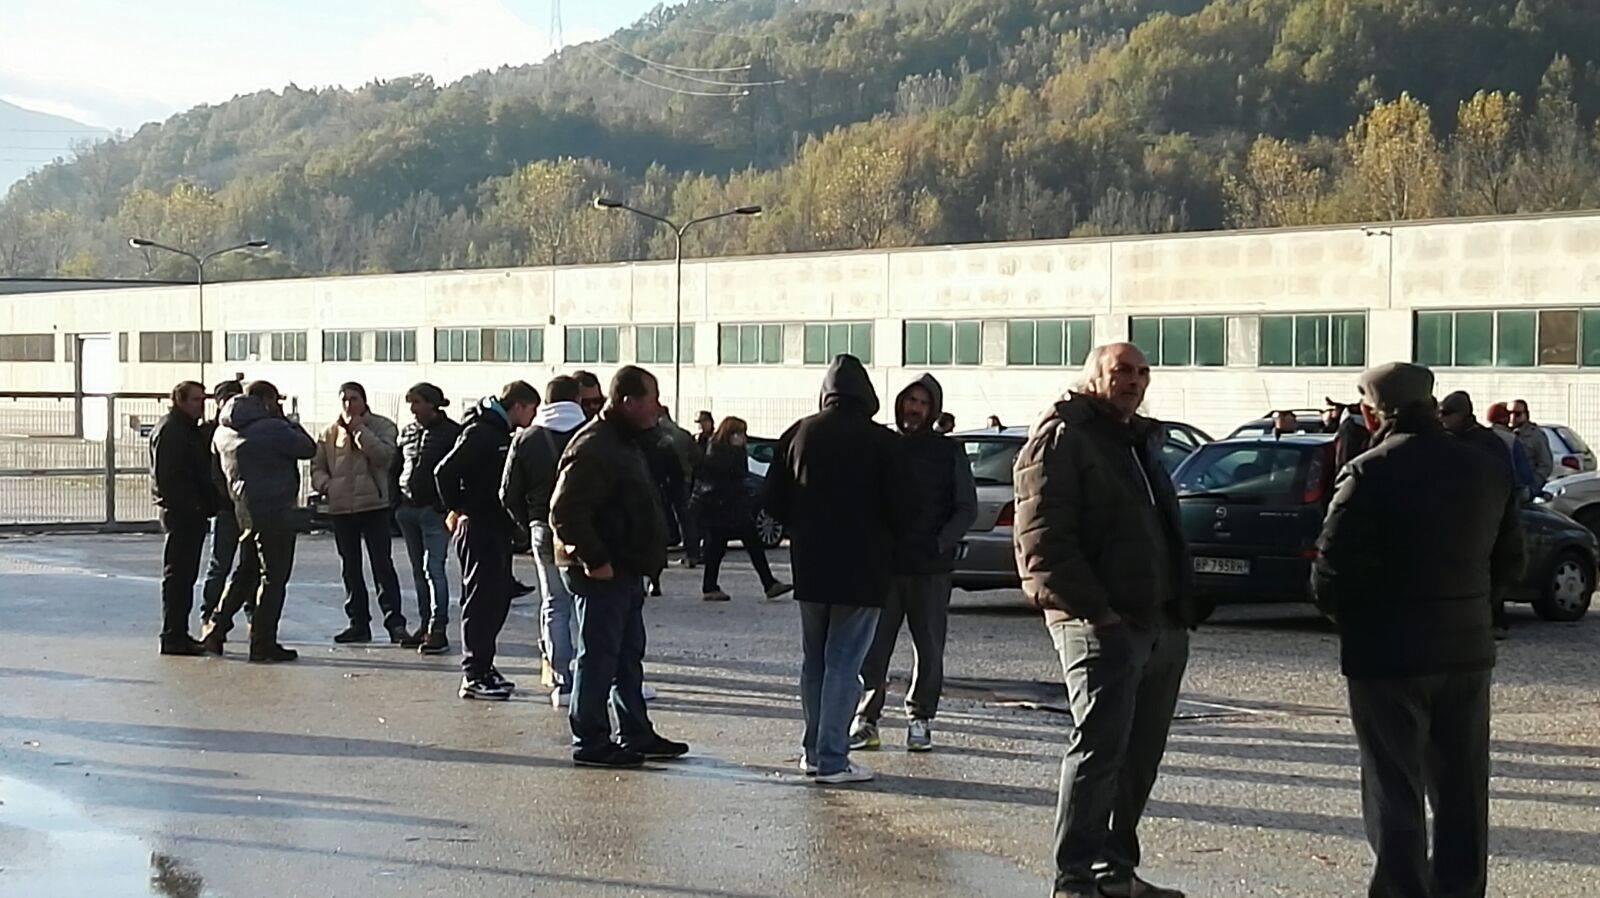 Dipendenti Santa Croce, scatta lo stato di agitazione